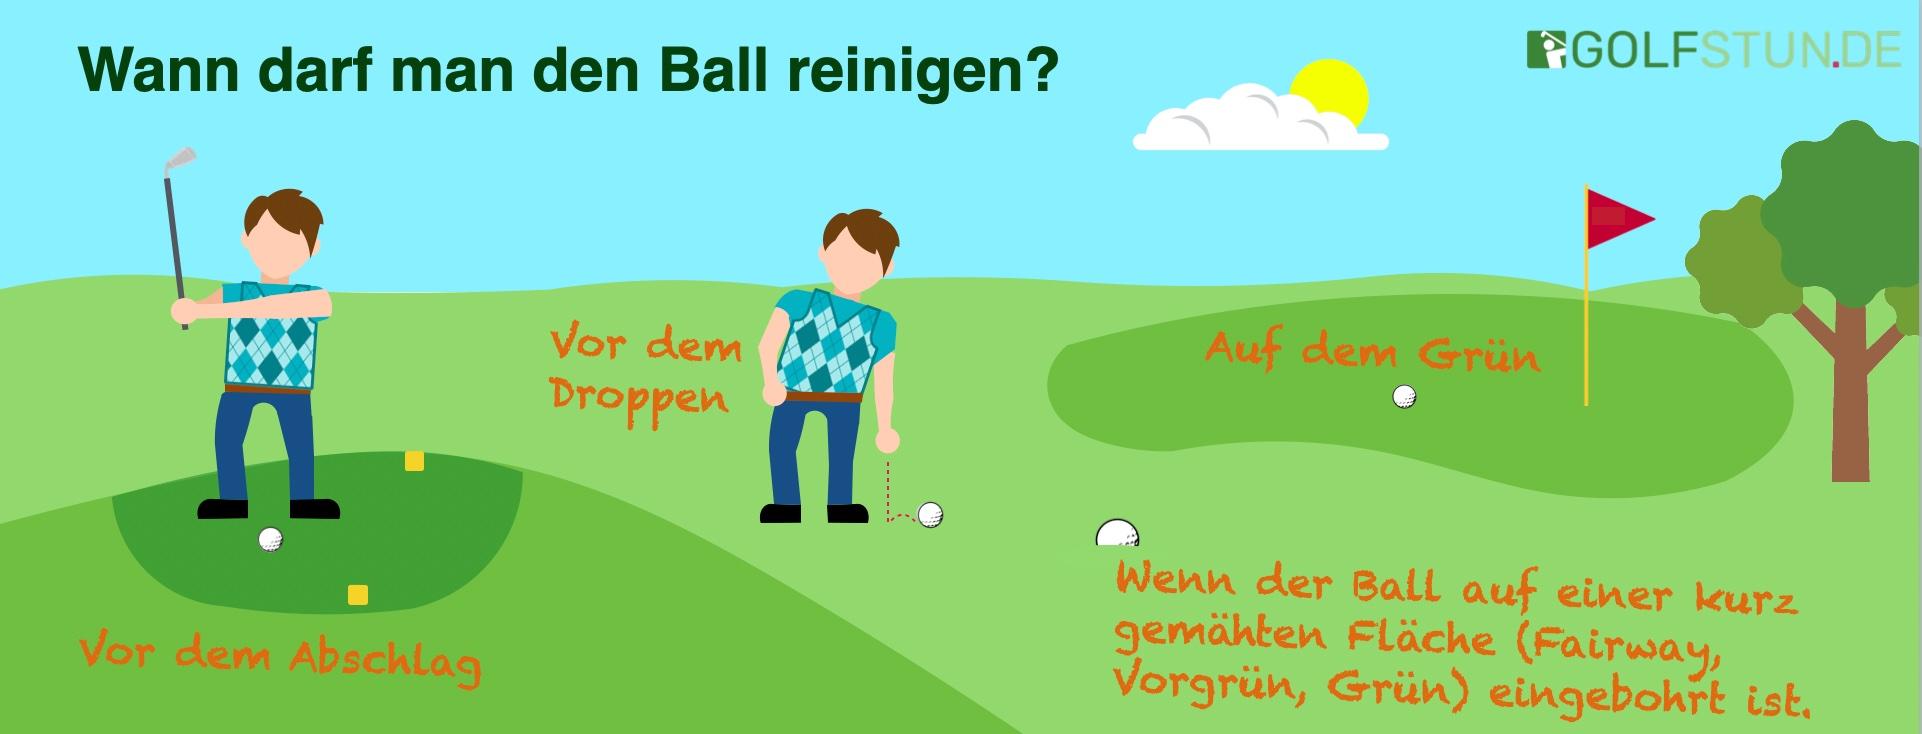 Wann darf man einen Golfball reinigen.